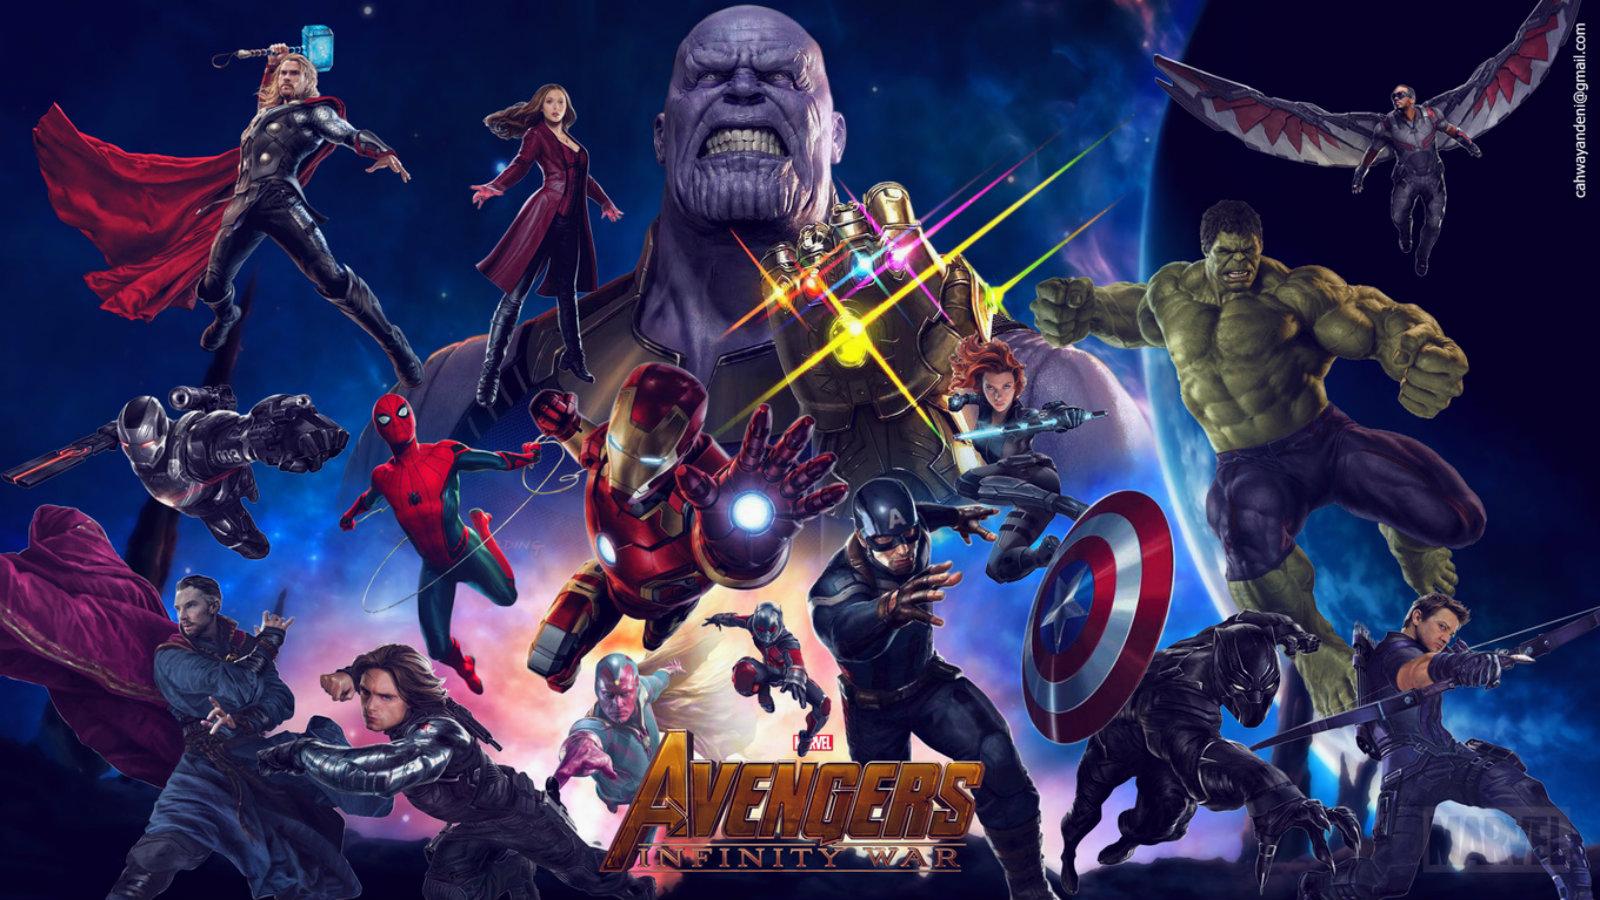 Avengers Infinity War 1 2 Afbeeldingen Avengers Infinity War Hd